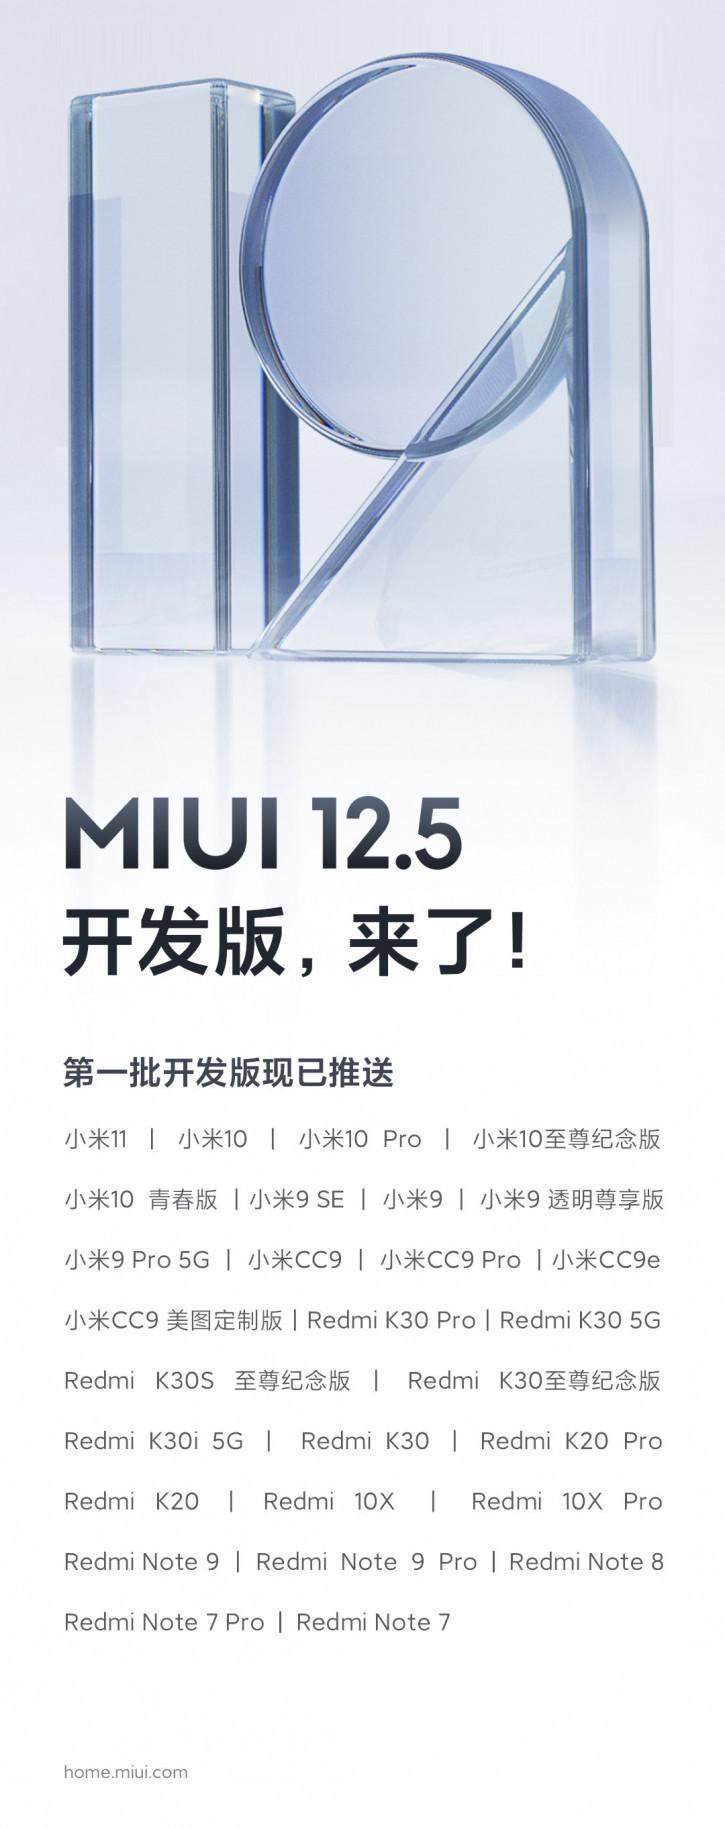 28 моделей Xiaomi и Redmi получают MIUI 12.5